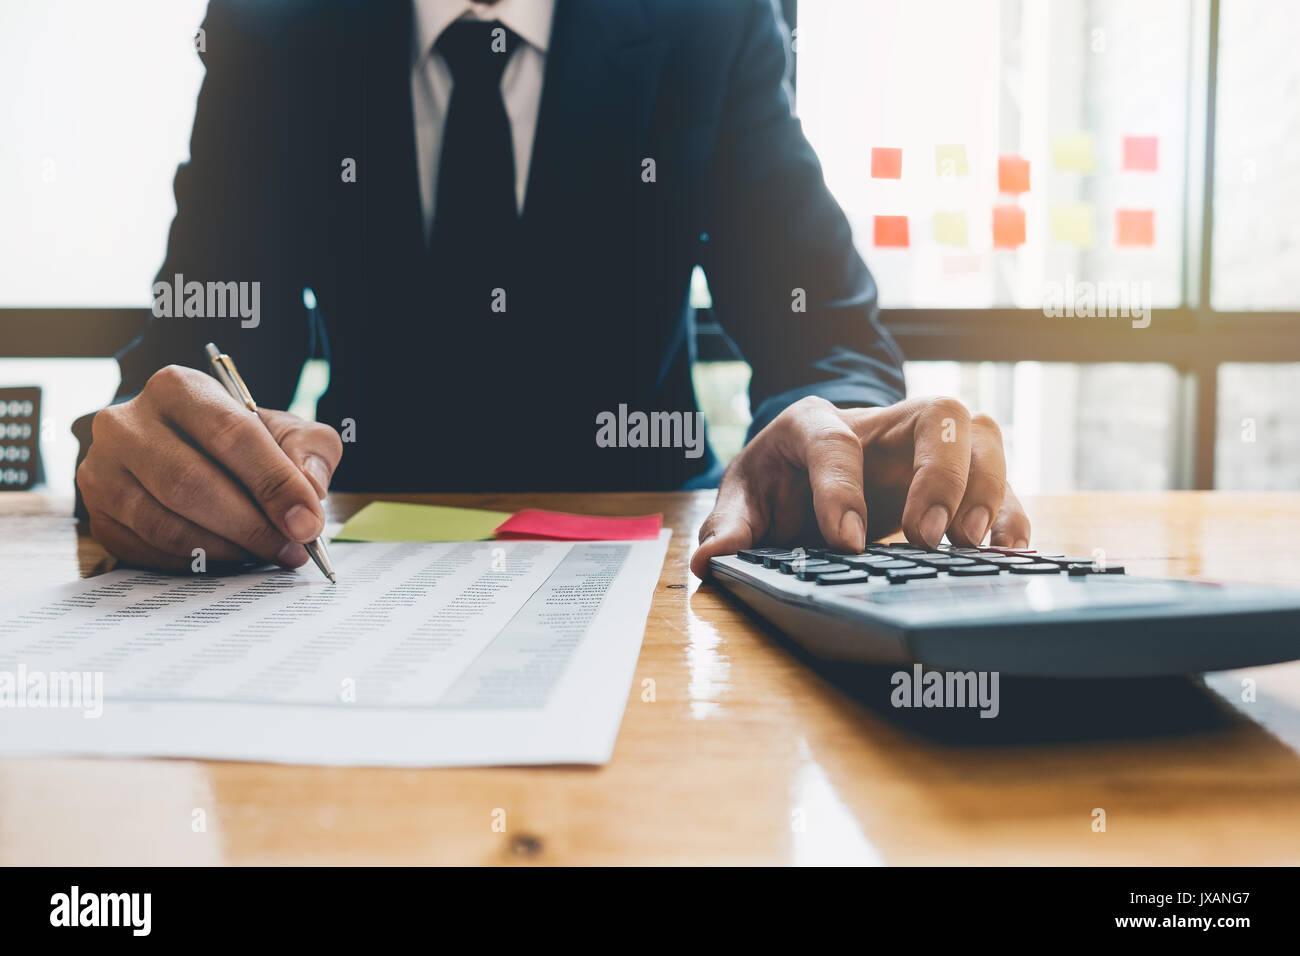 in der Nähe Konten, Business Mann oder Rechtsanwalt Steuerberater arbeiten auf Verwendung eines Taschenrechners und schreiben auf Dokumente Stockbild